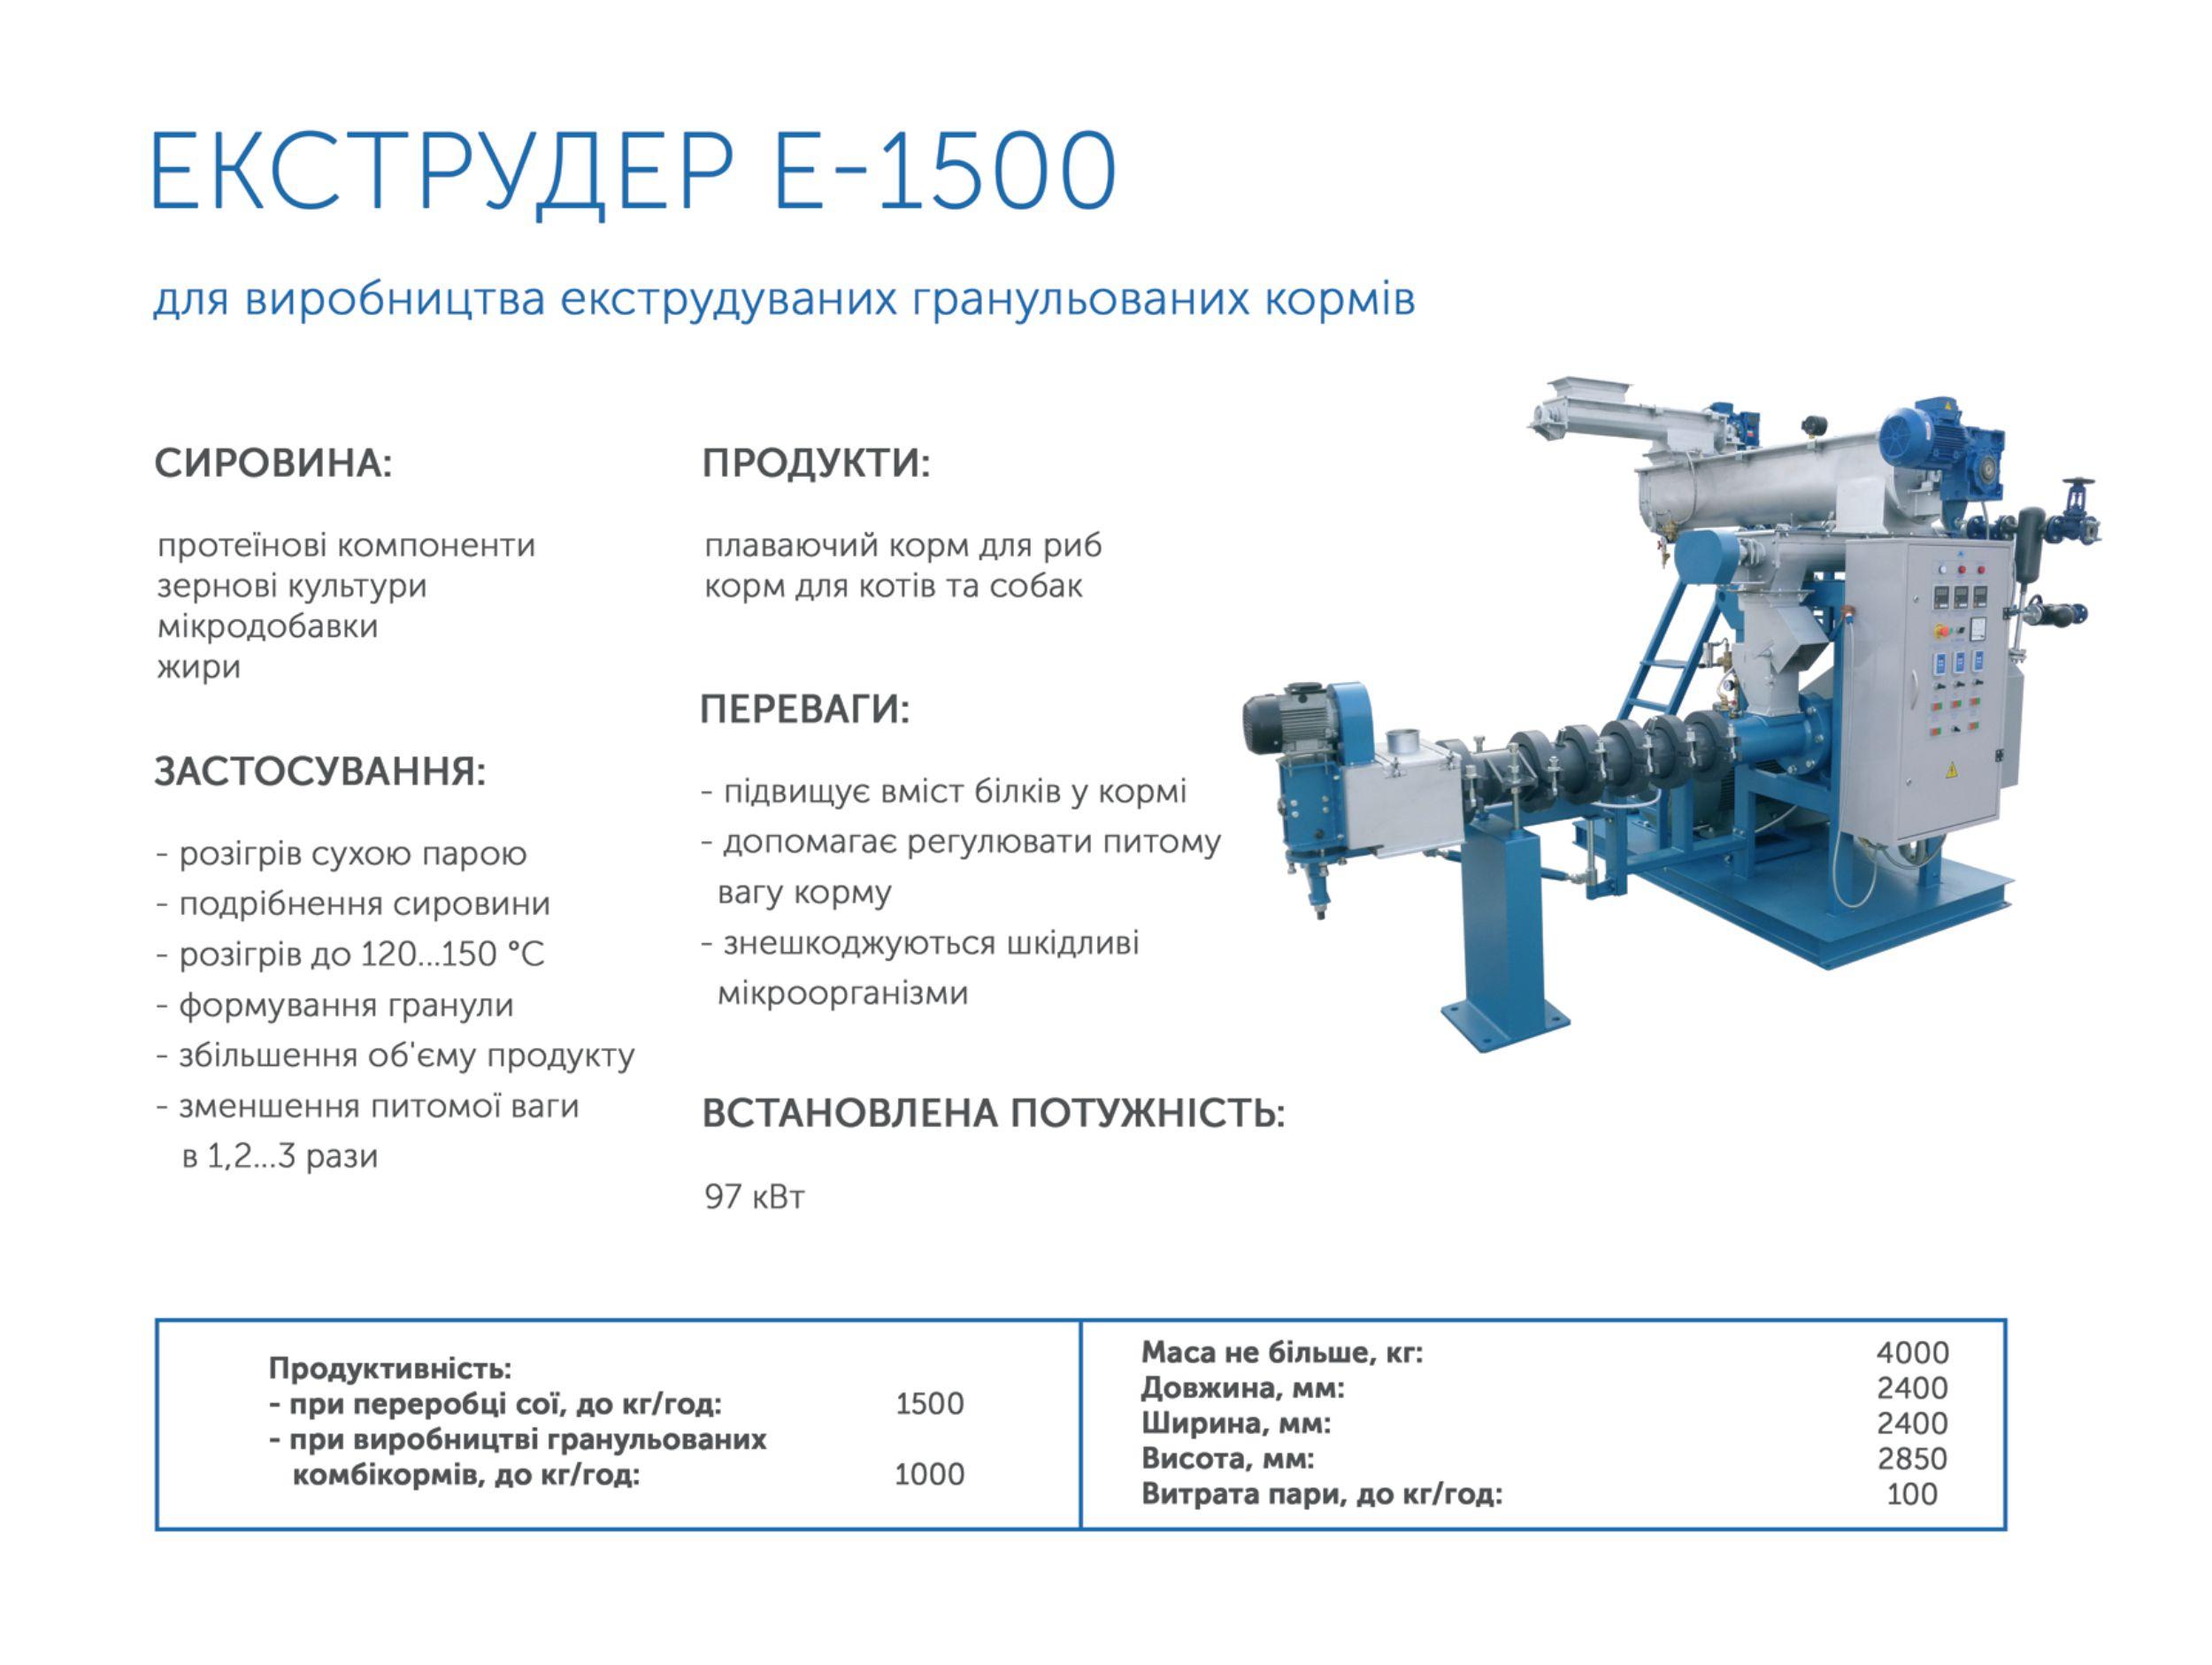 Экструдер Е-1500 Bronto купить в Украине